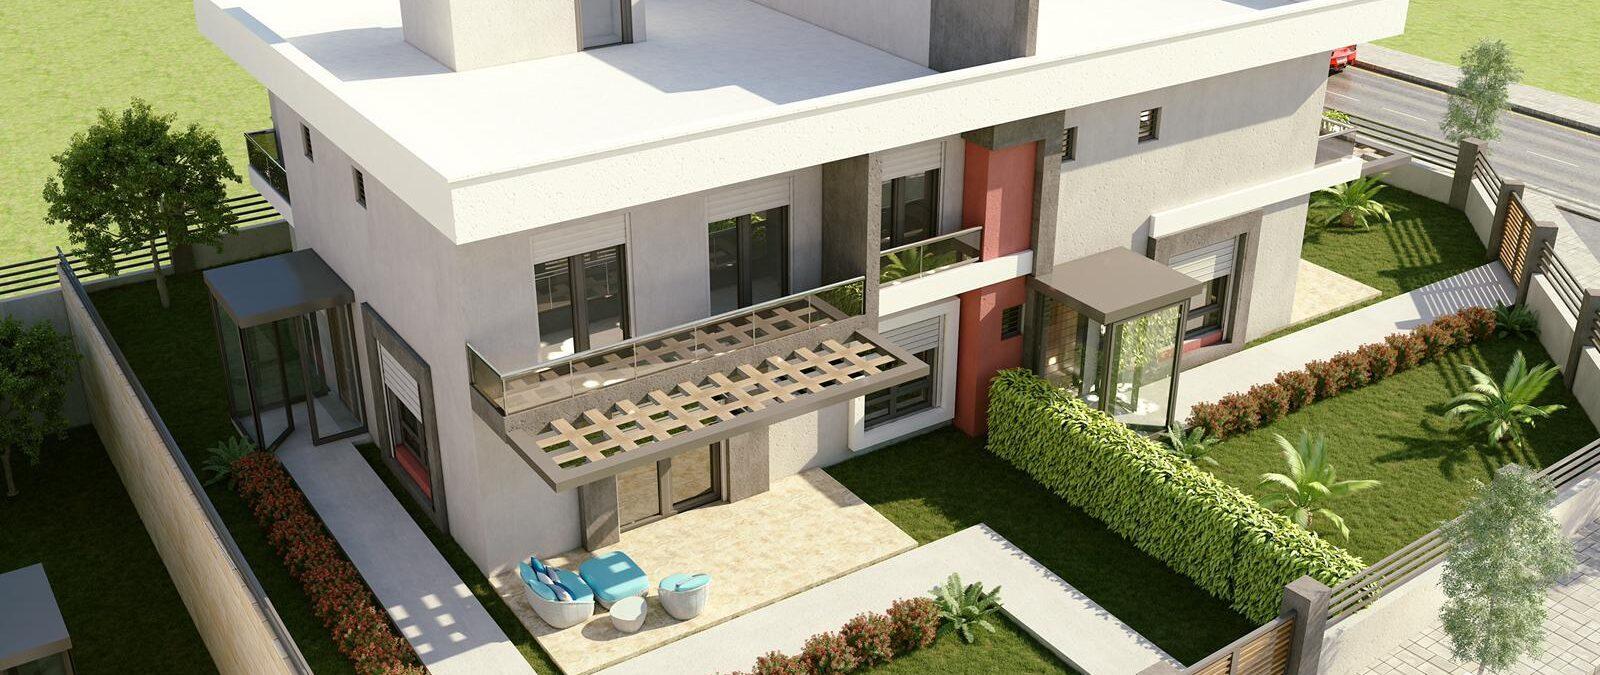 3 Boyutlu Mimari Ev Tasarımları